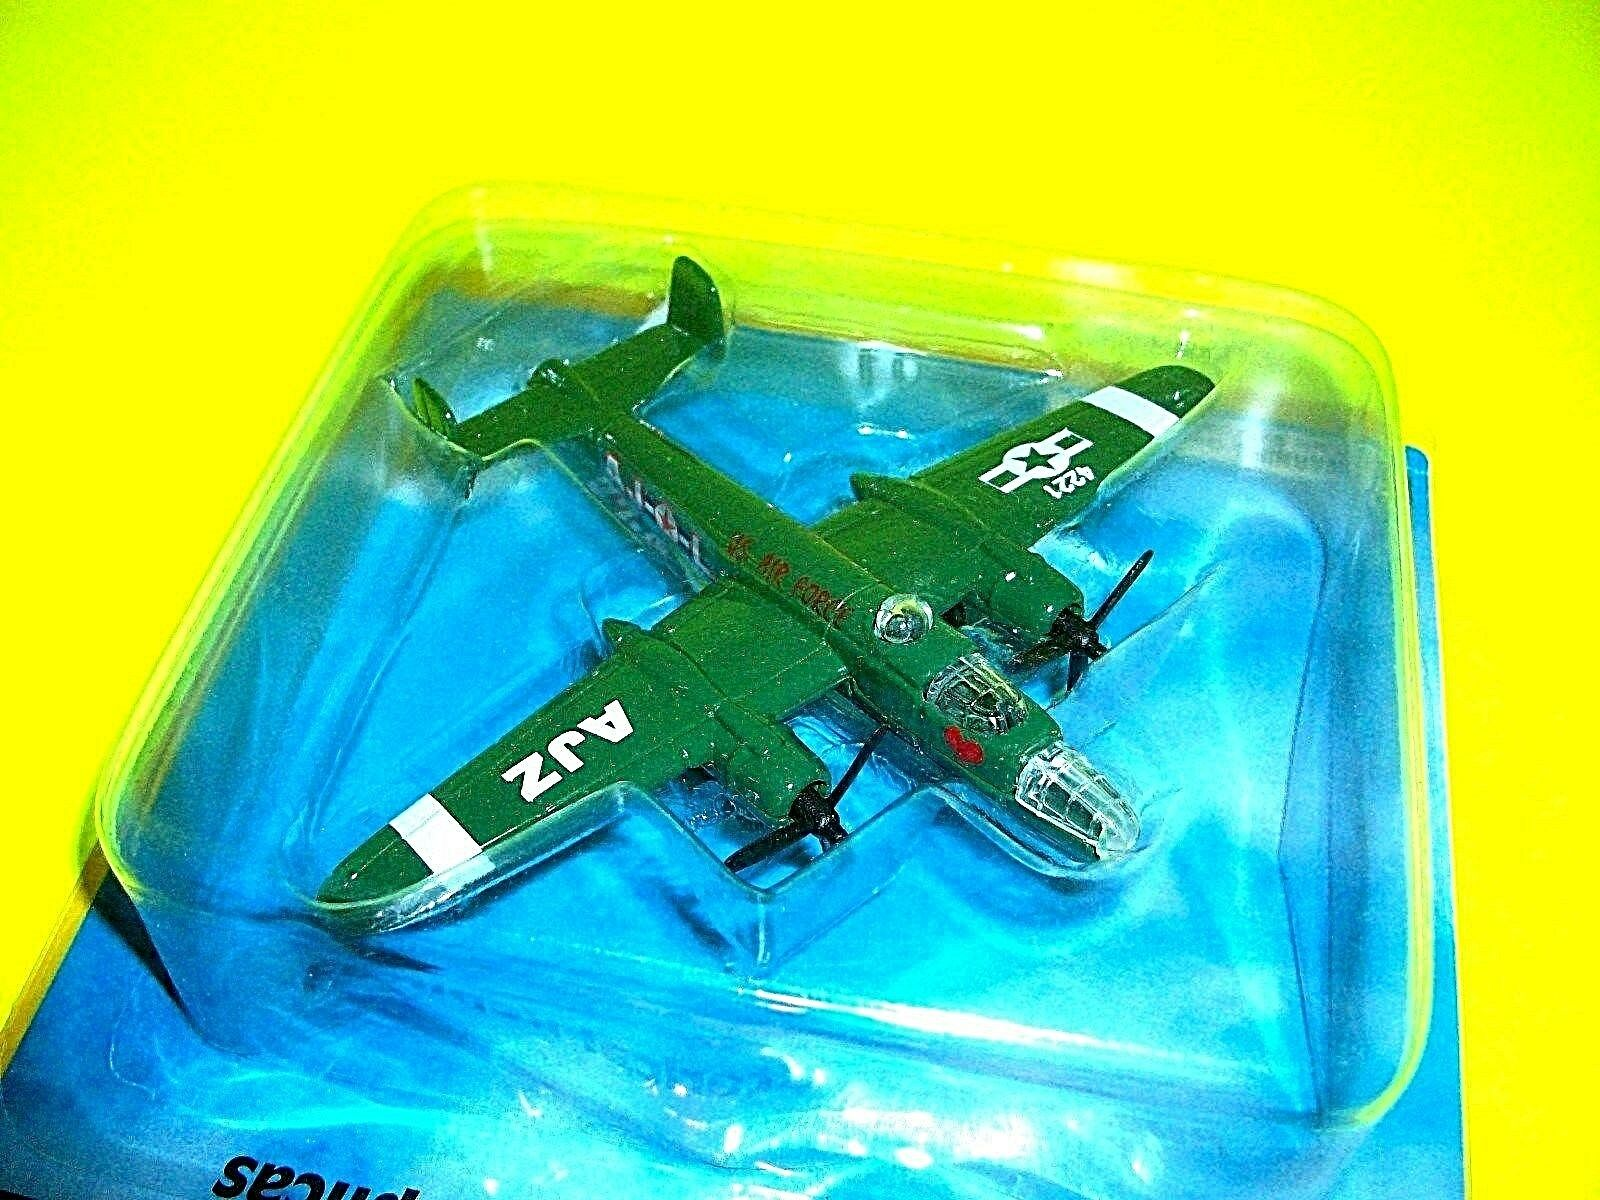 MEGA MASTERS Die Cast  B-25J AJZ Green Plane Airplane Airplane Airplane Toy Air Craft Mega Toys 599a97